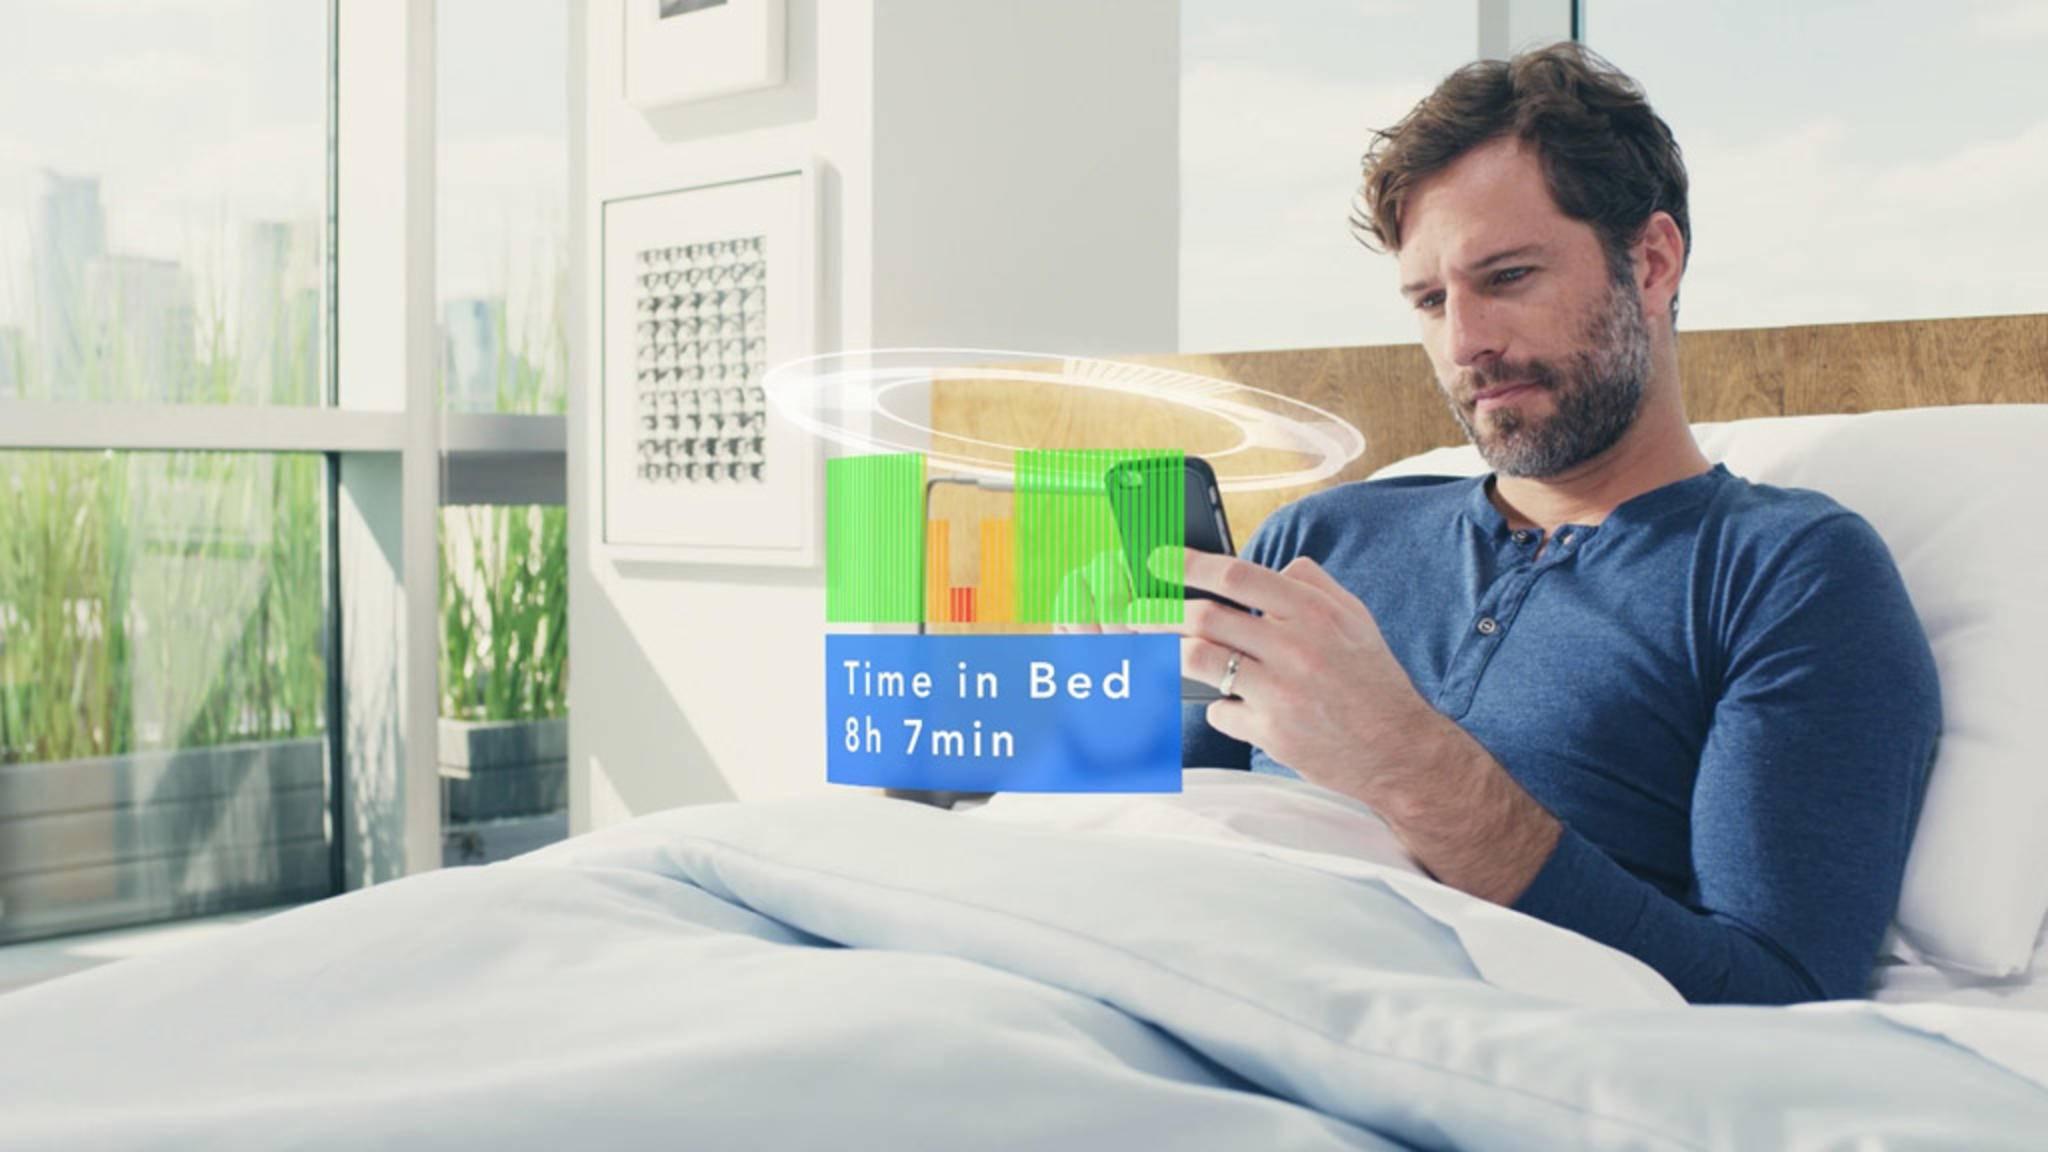 Gute Nacht: Die smarten Betten von Sleep Number tracken diverse Daten und passen sich dem Nutzer für einen ruhigeren Schlaf automatisch an.